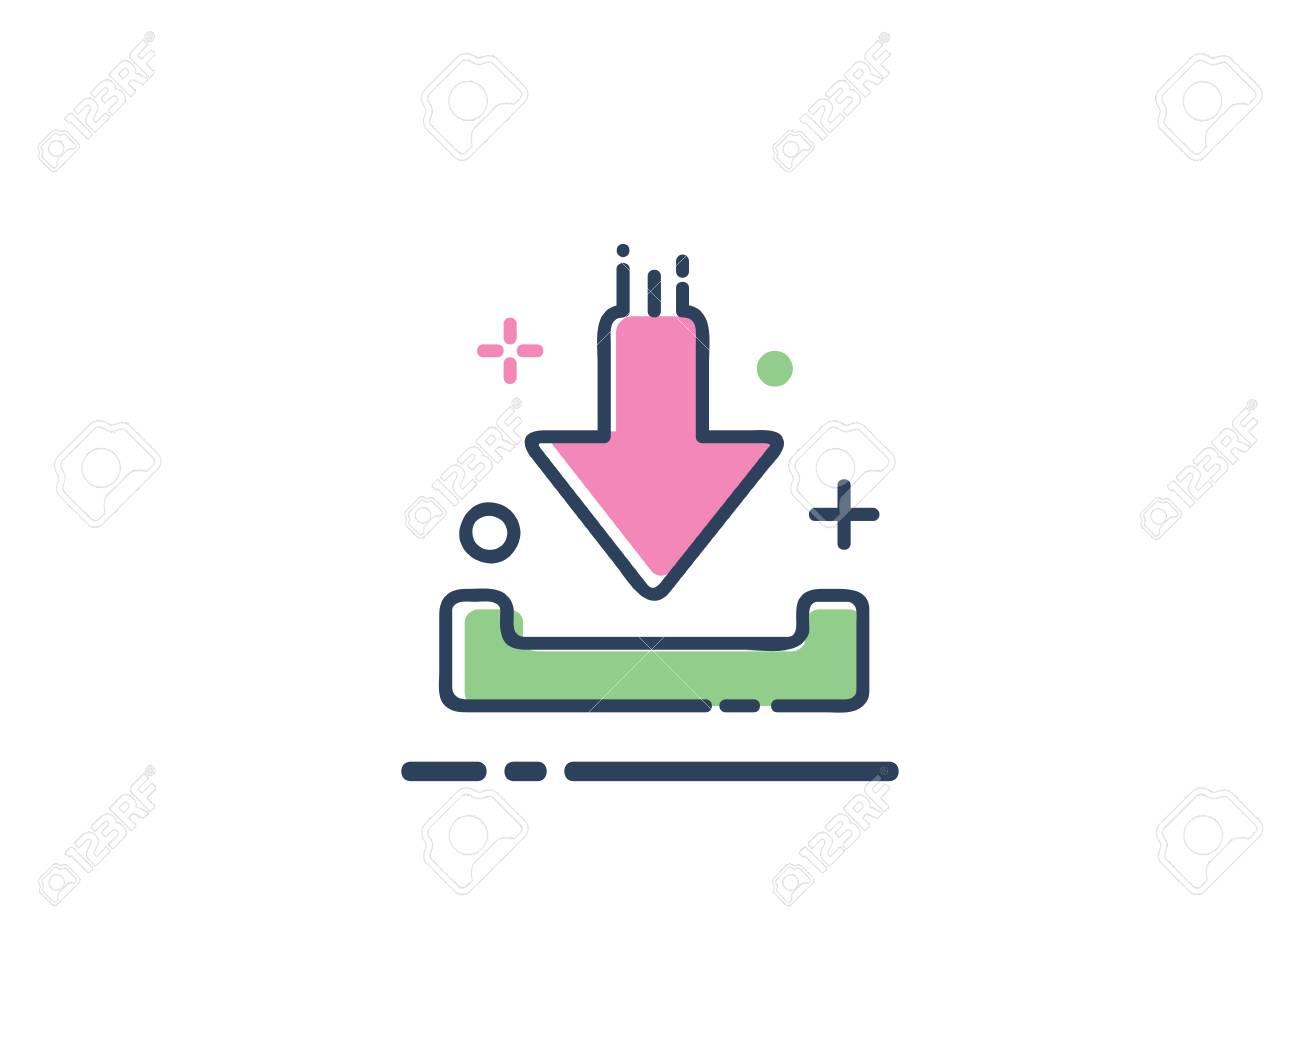 download icon design illustration line filled style design designed